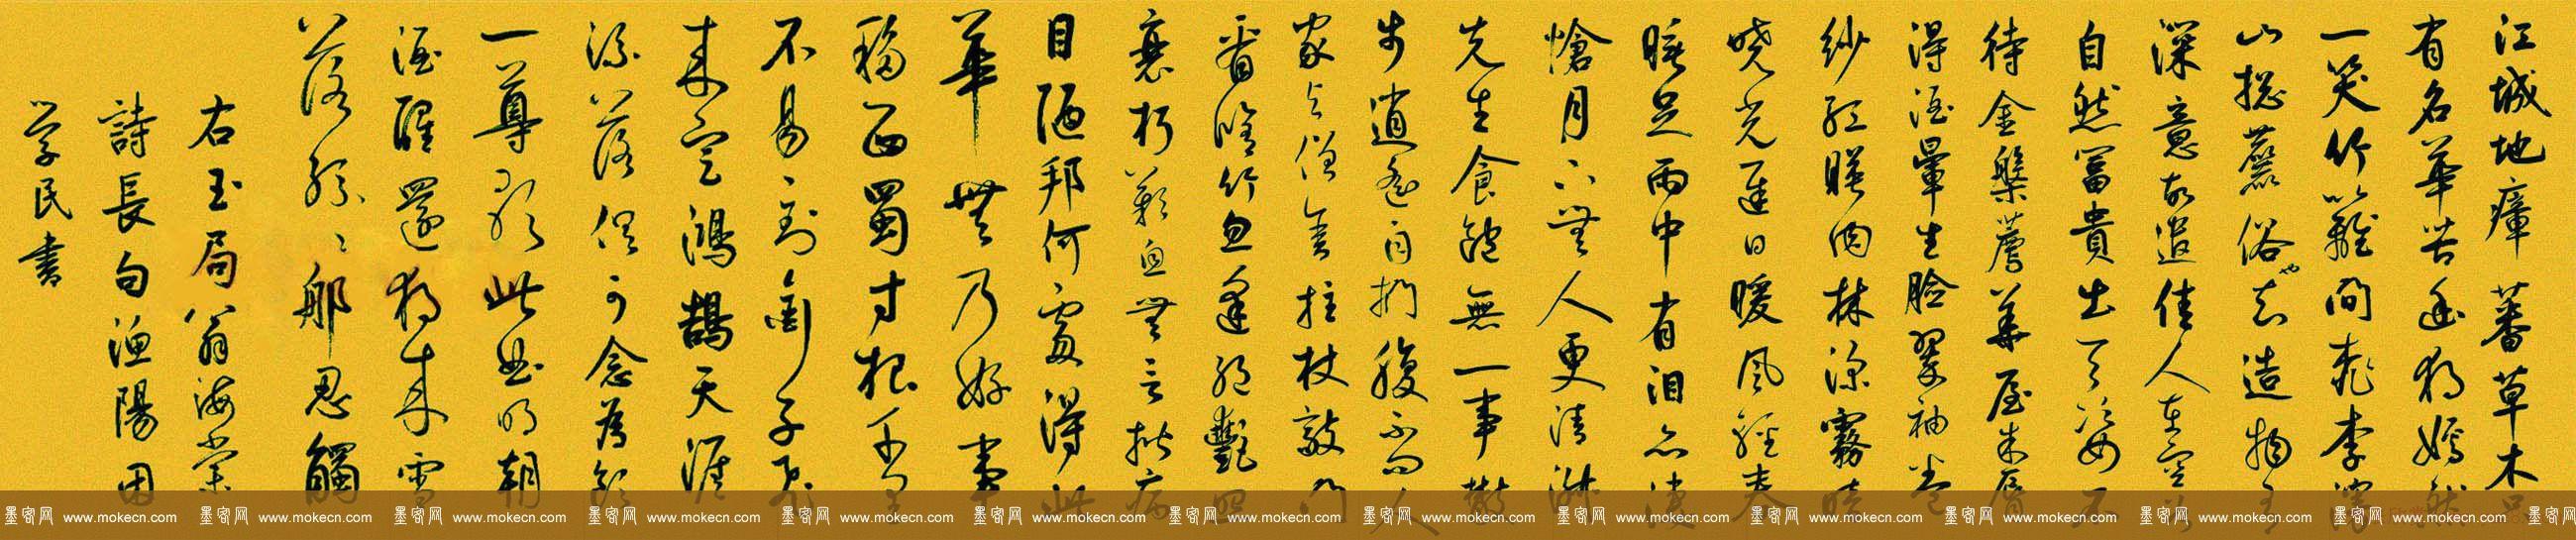 鲜于枢书法欣赏草书《苏轼海棠诗卷》